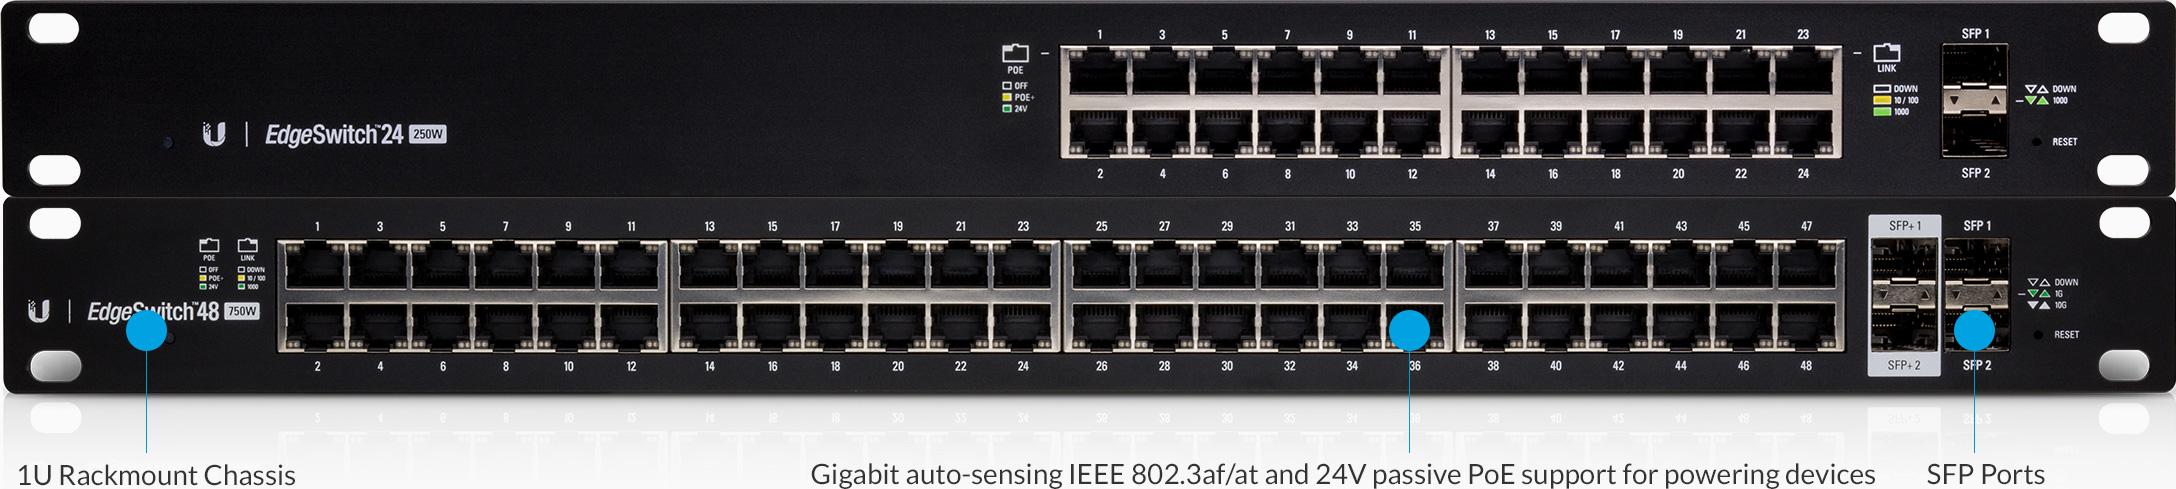 Ubiquiti Networks - EdgeSwitch®